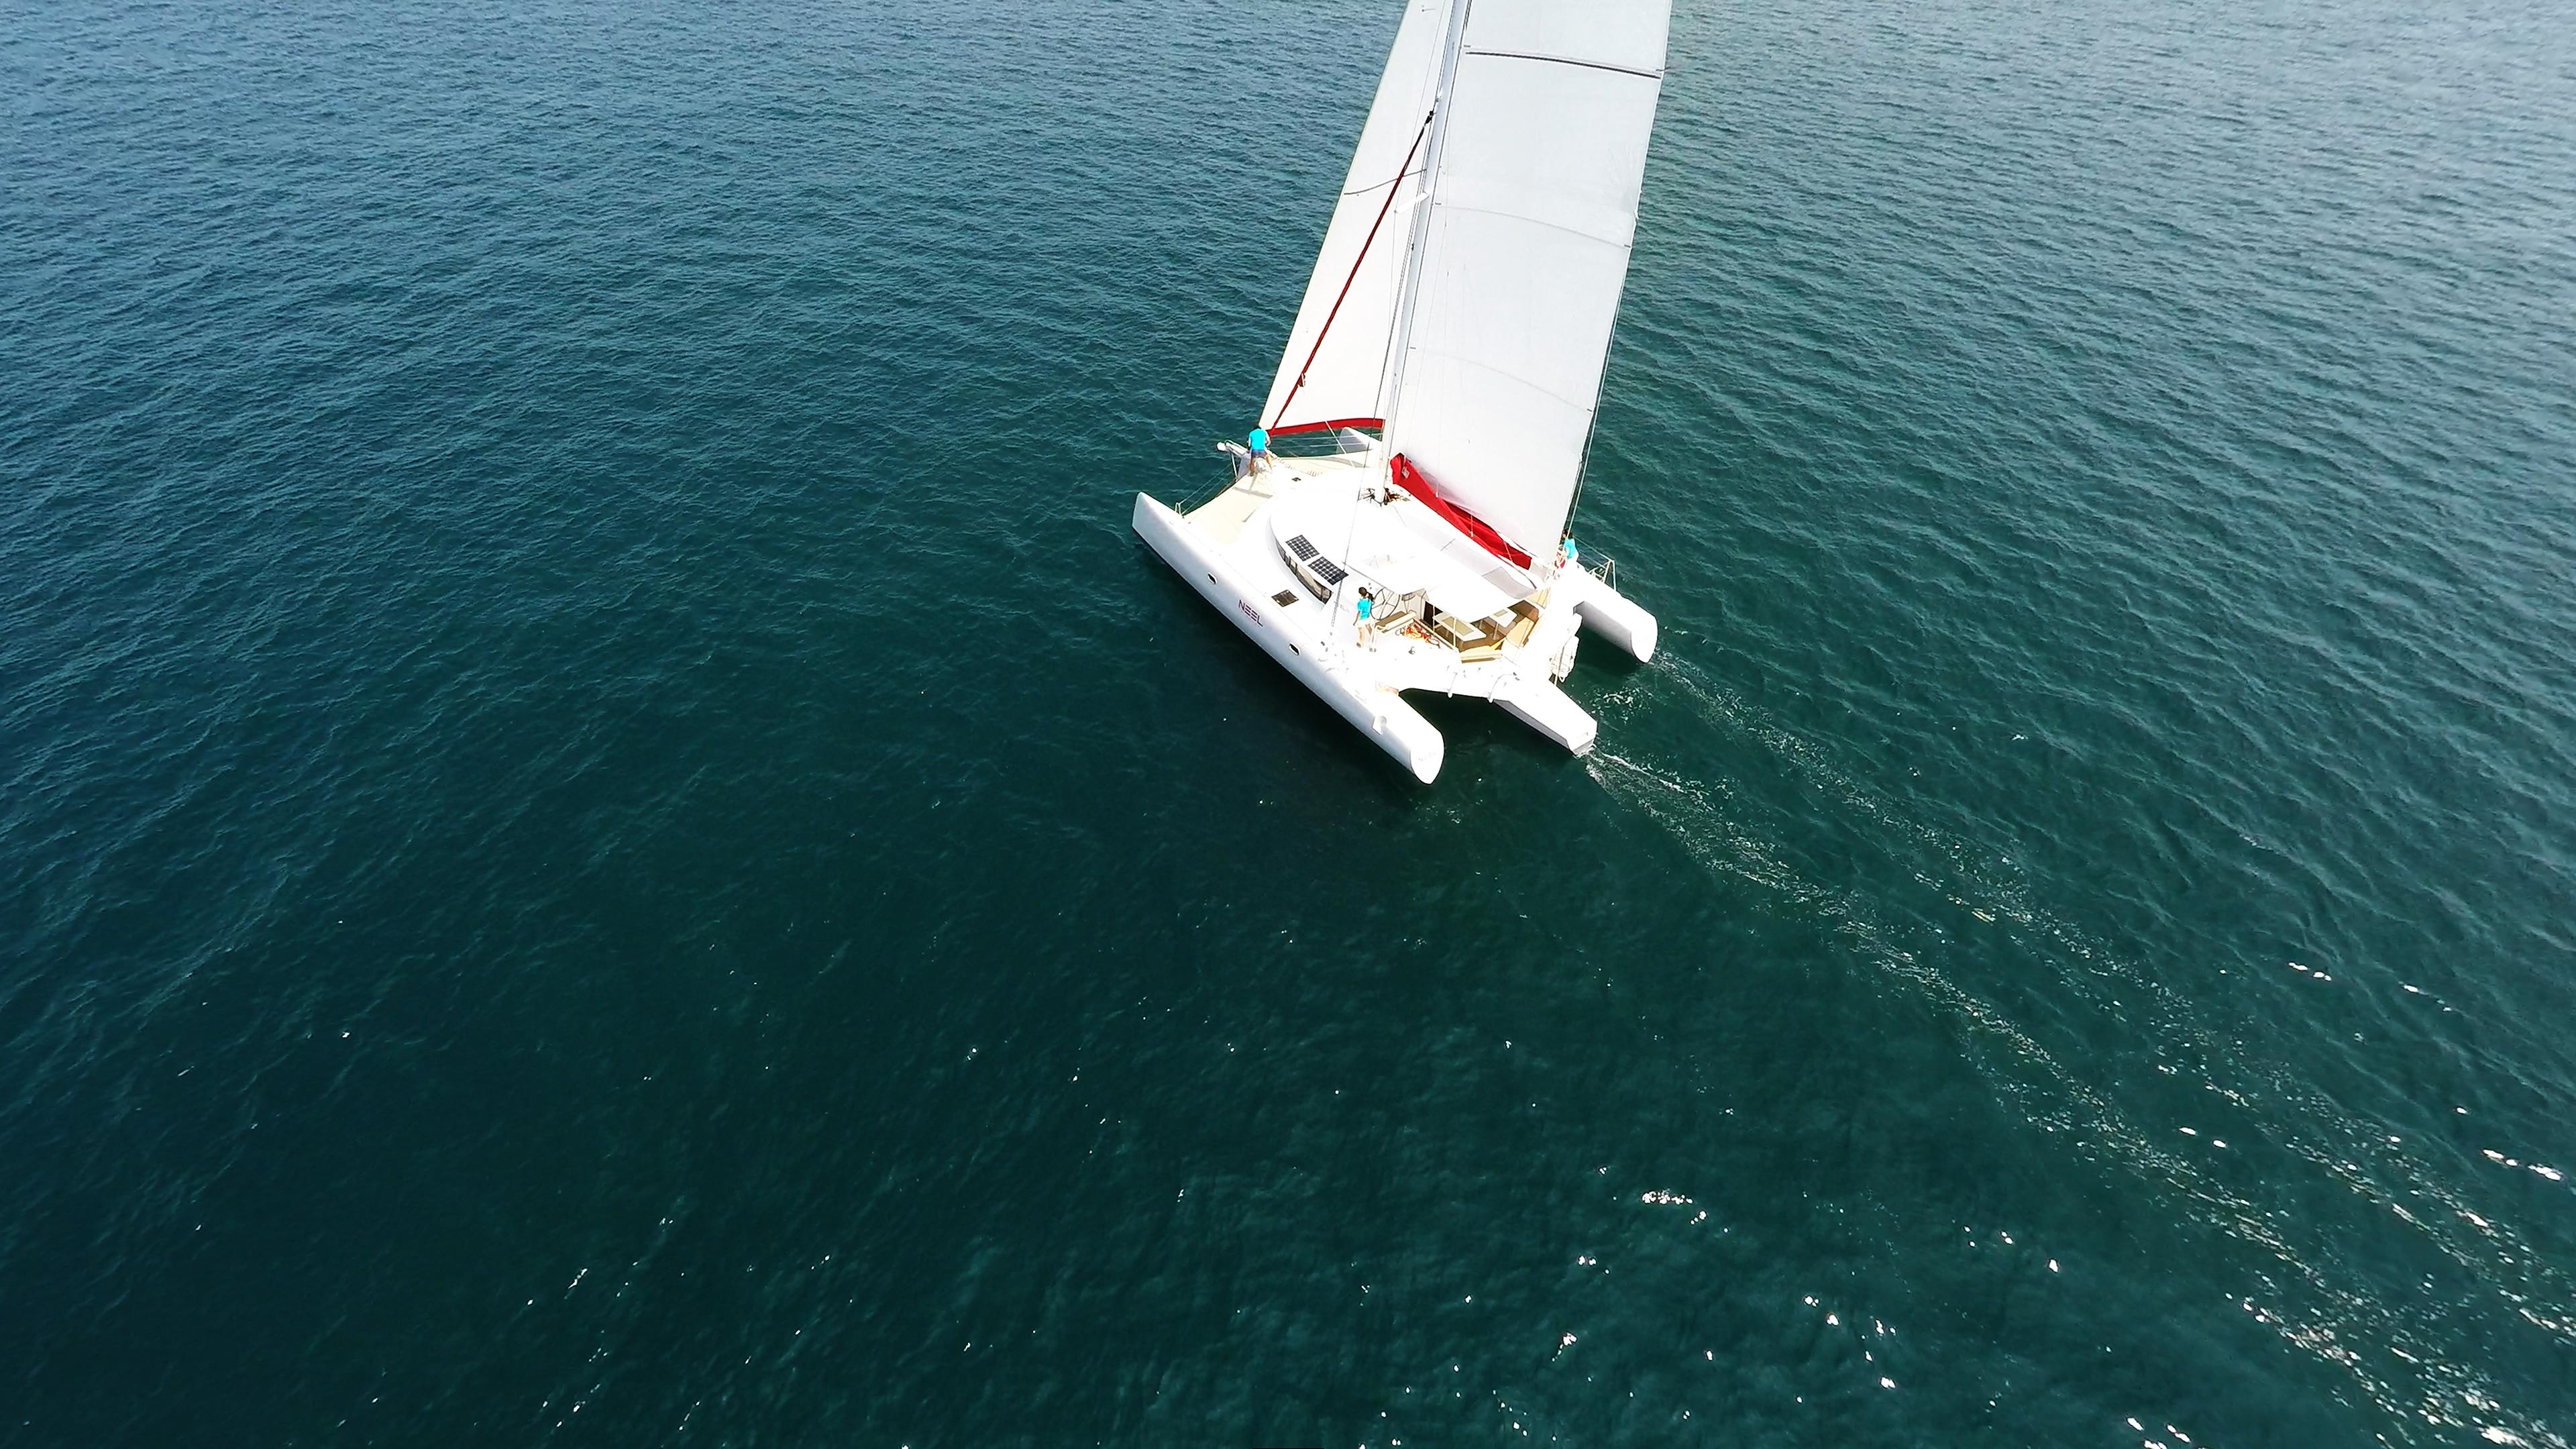 trimarano a vela al mare